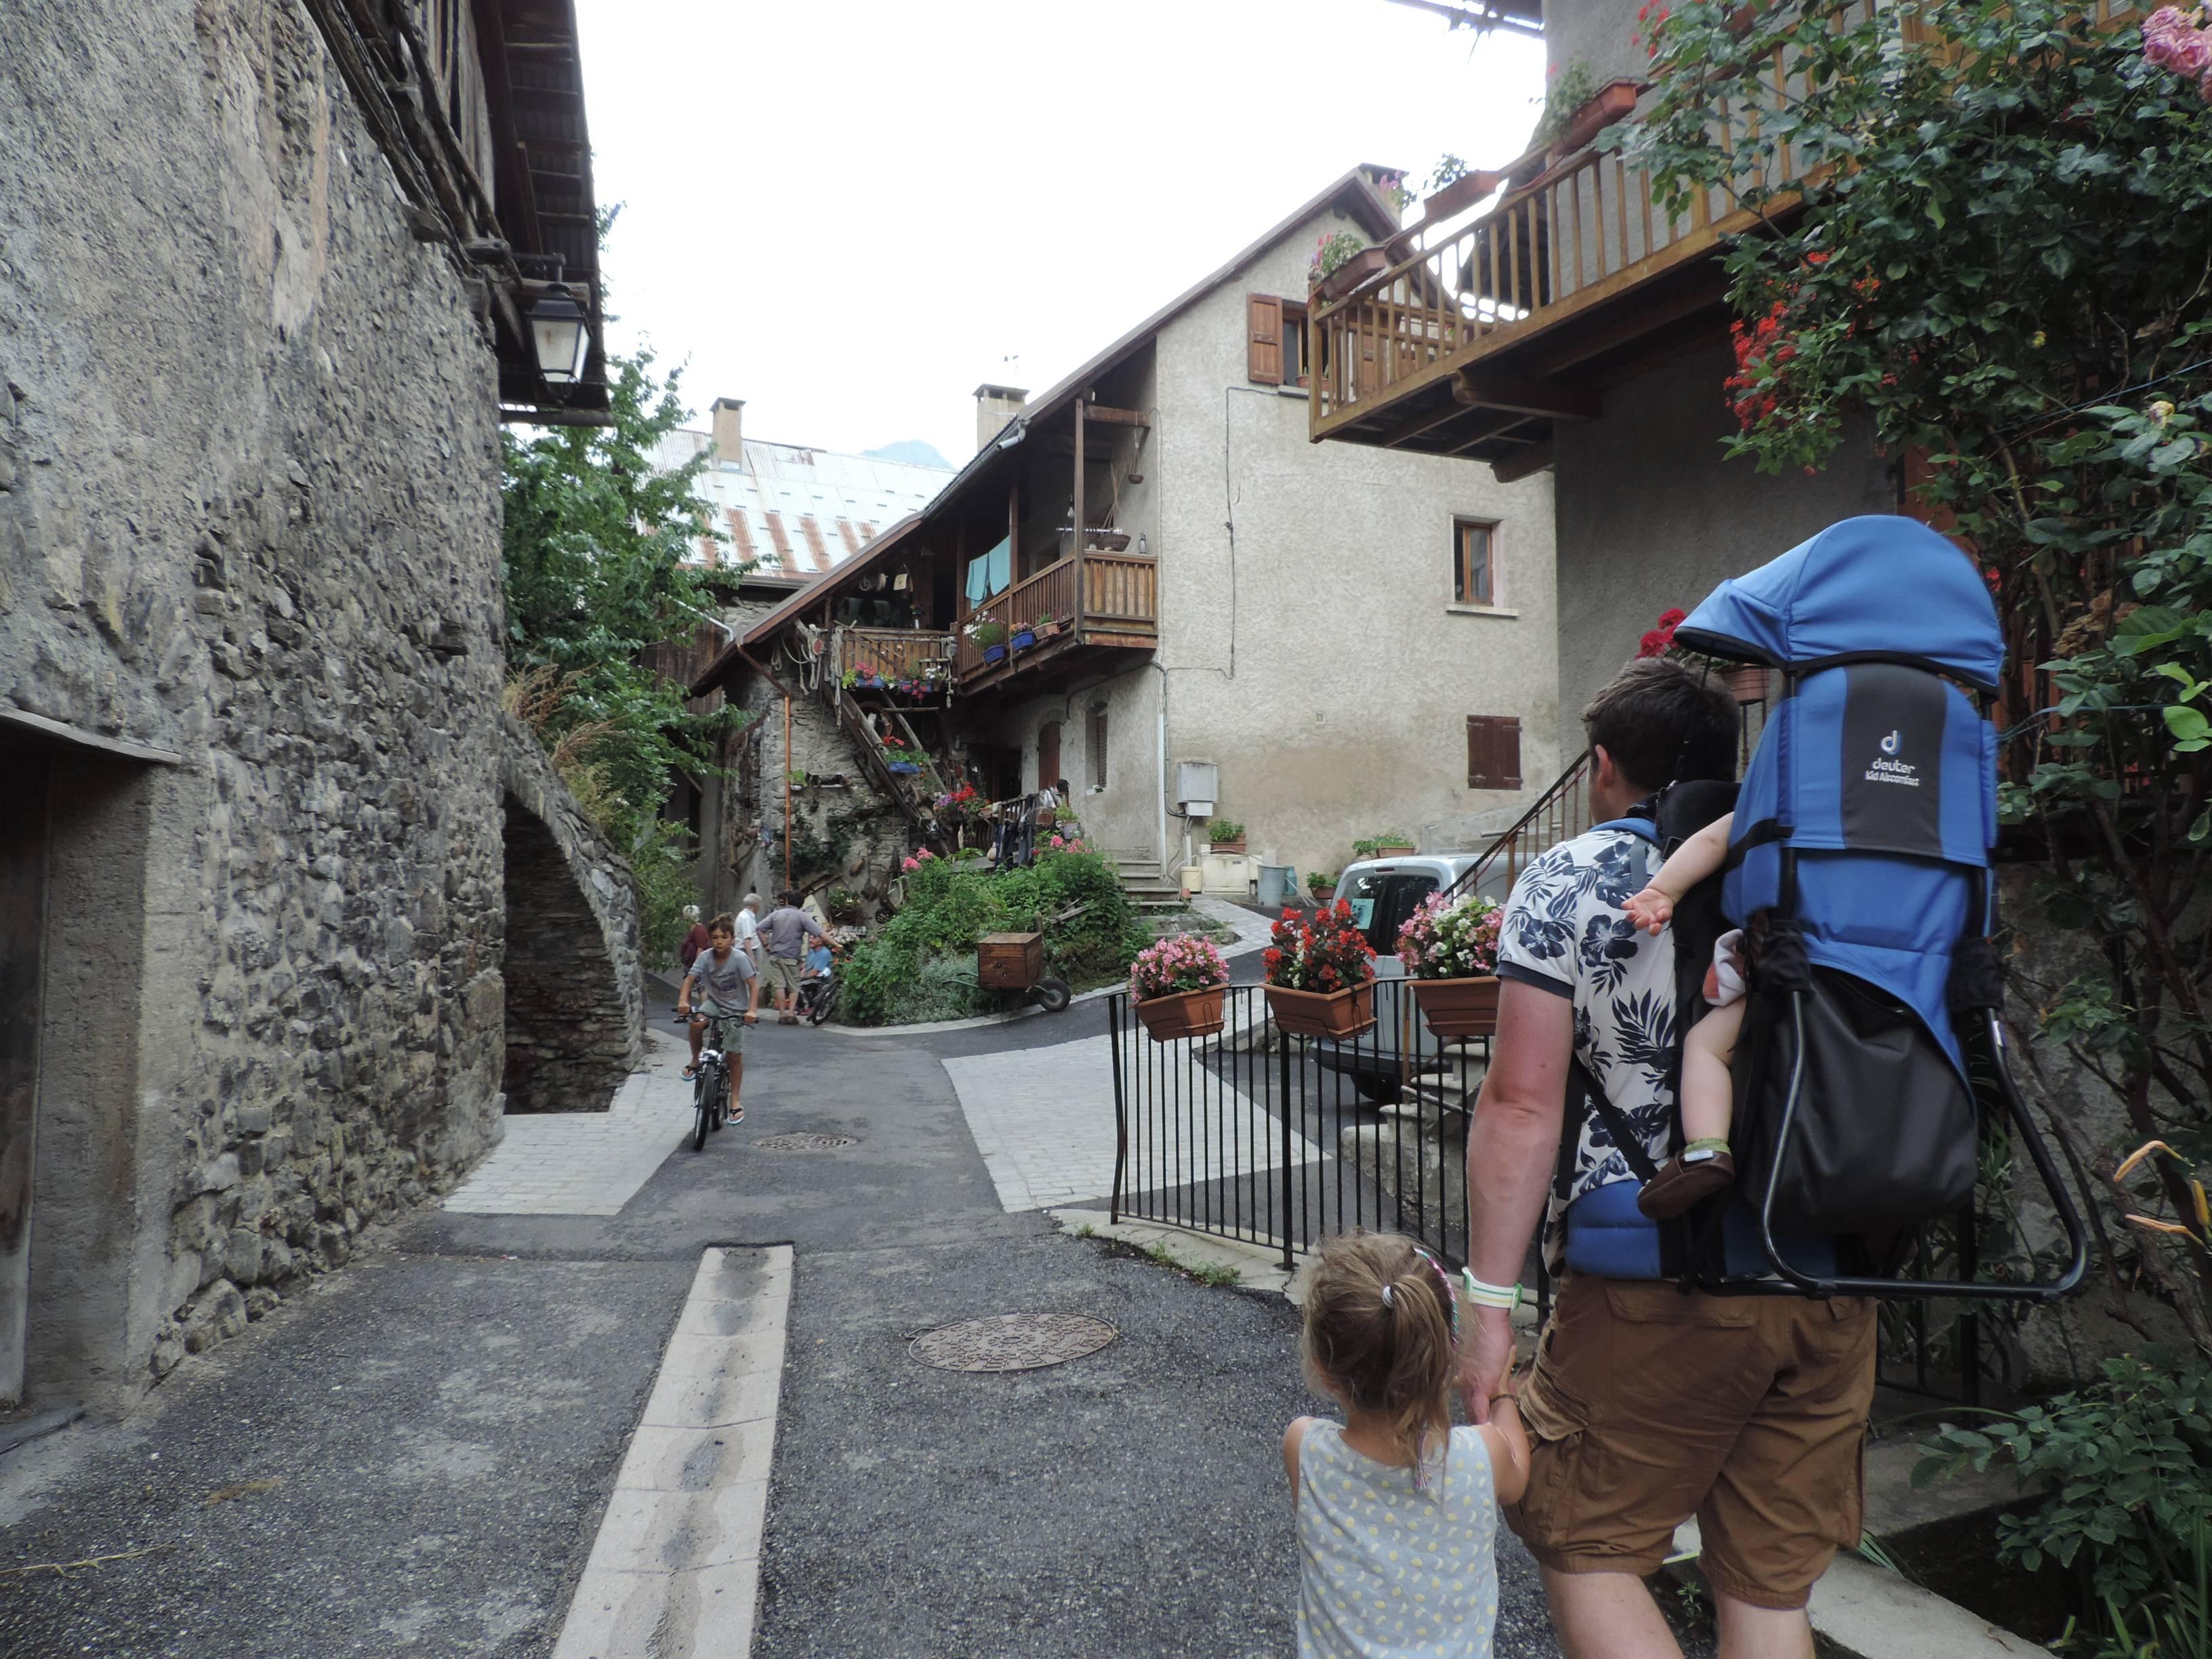 Photo 1: Rues de Vallouise pour flâner dans la vallée